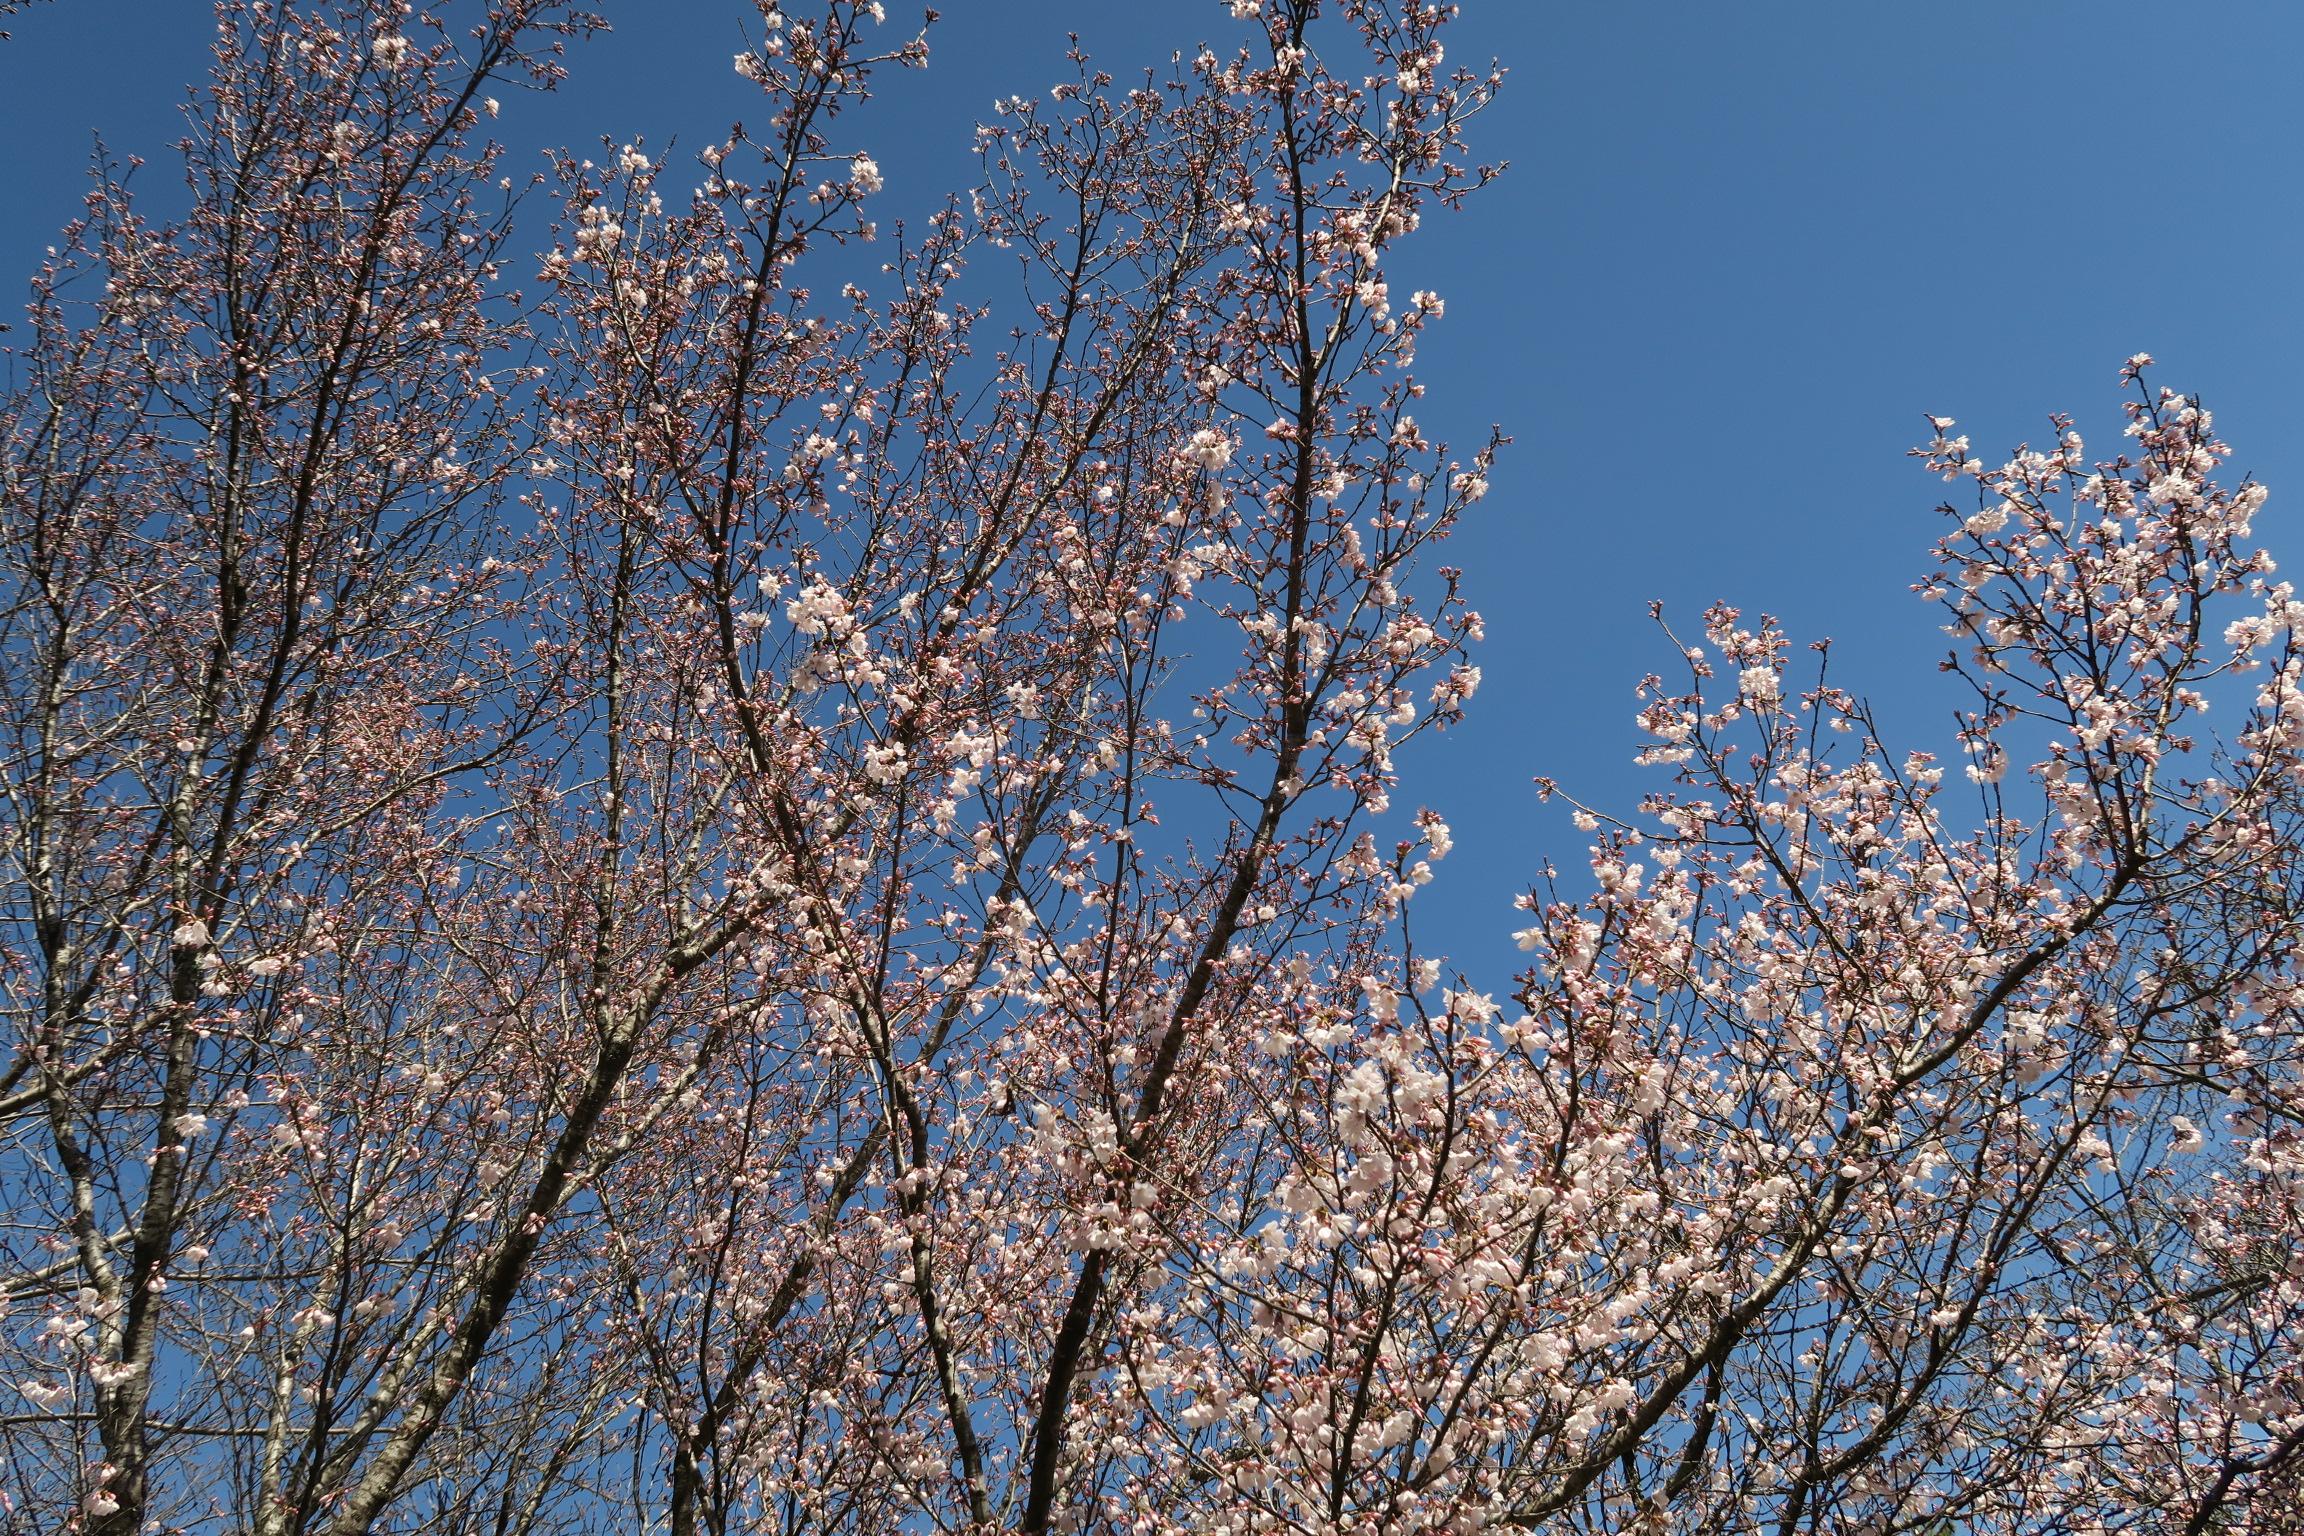 桜もちらほらと咲き始めています!楽しみですね。